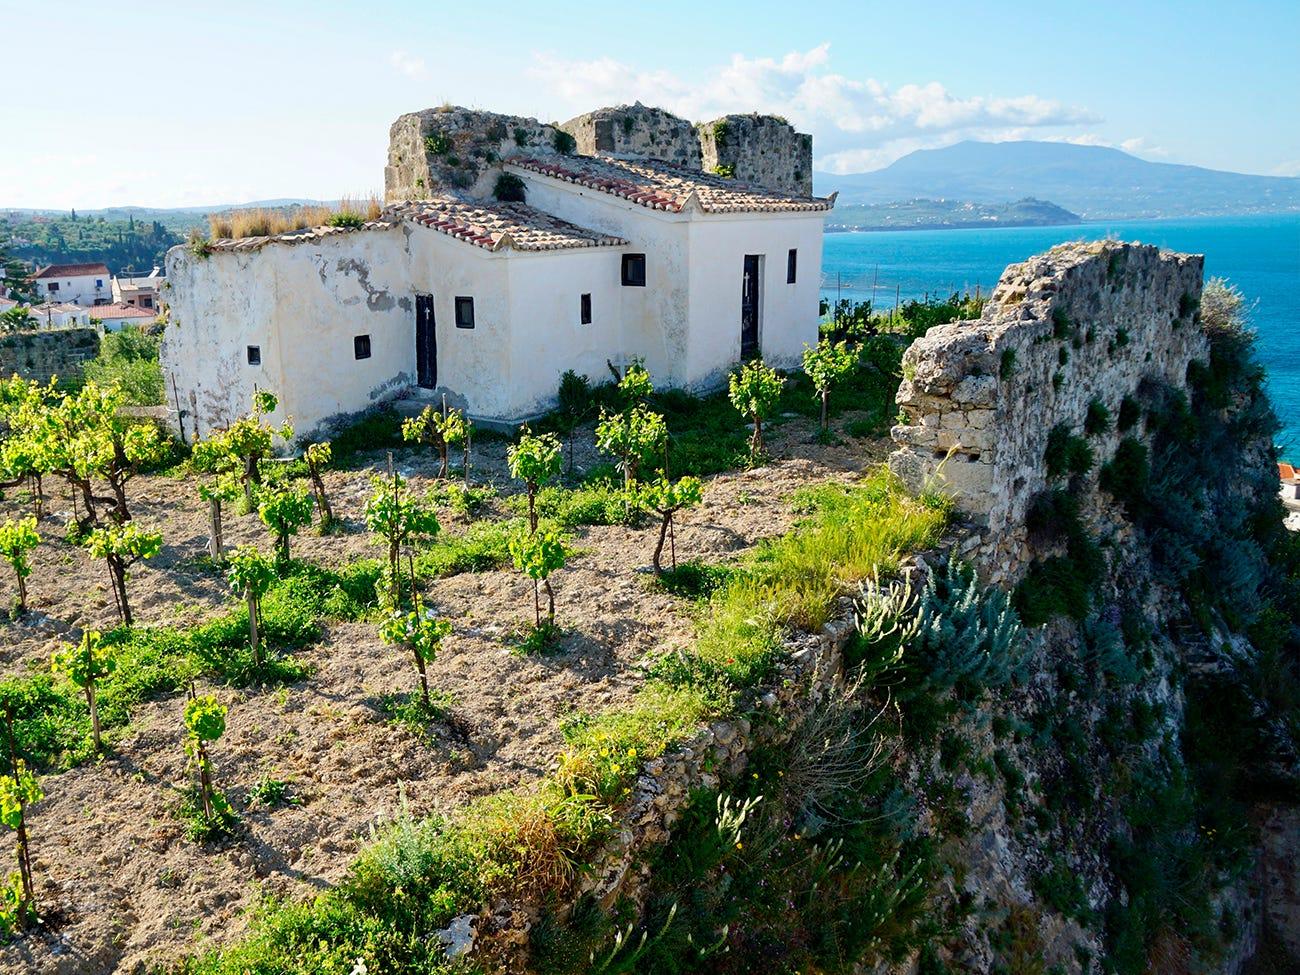 Maison blanche typique de la région du Péloponnèse